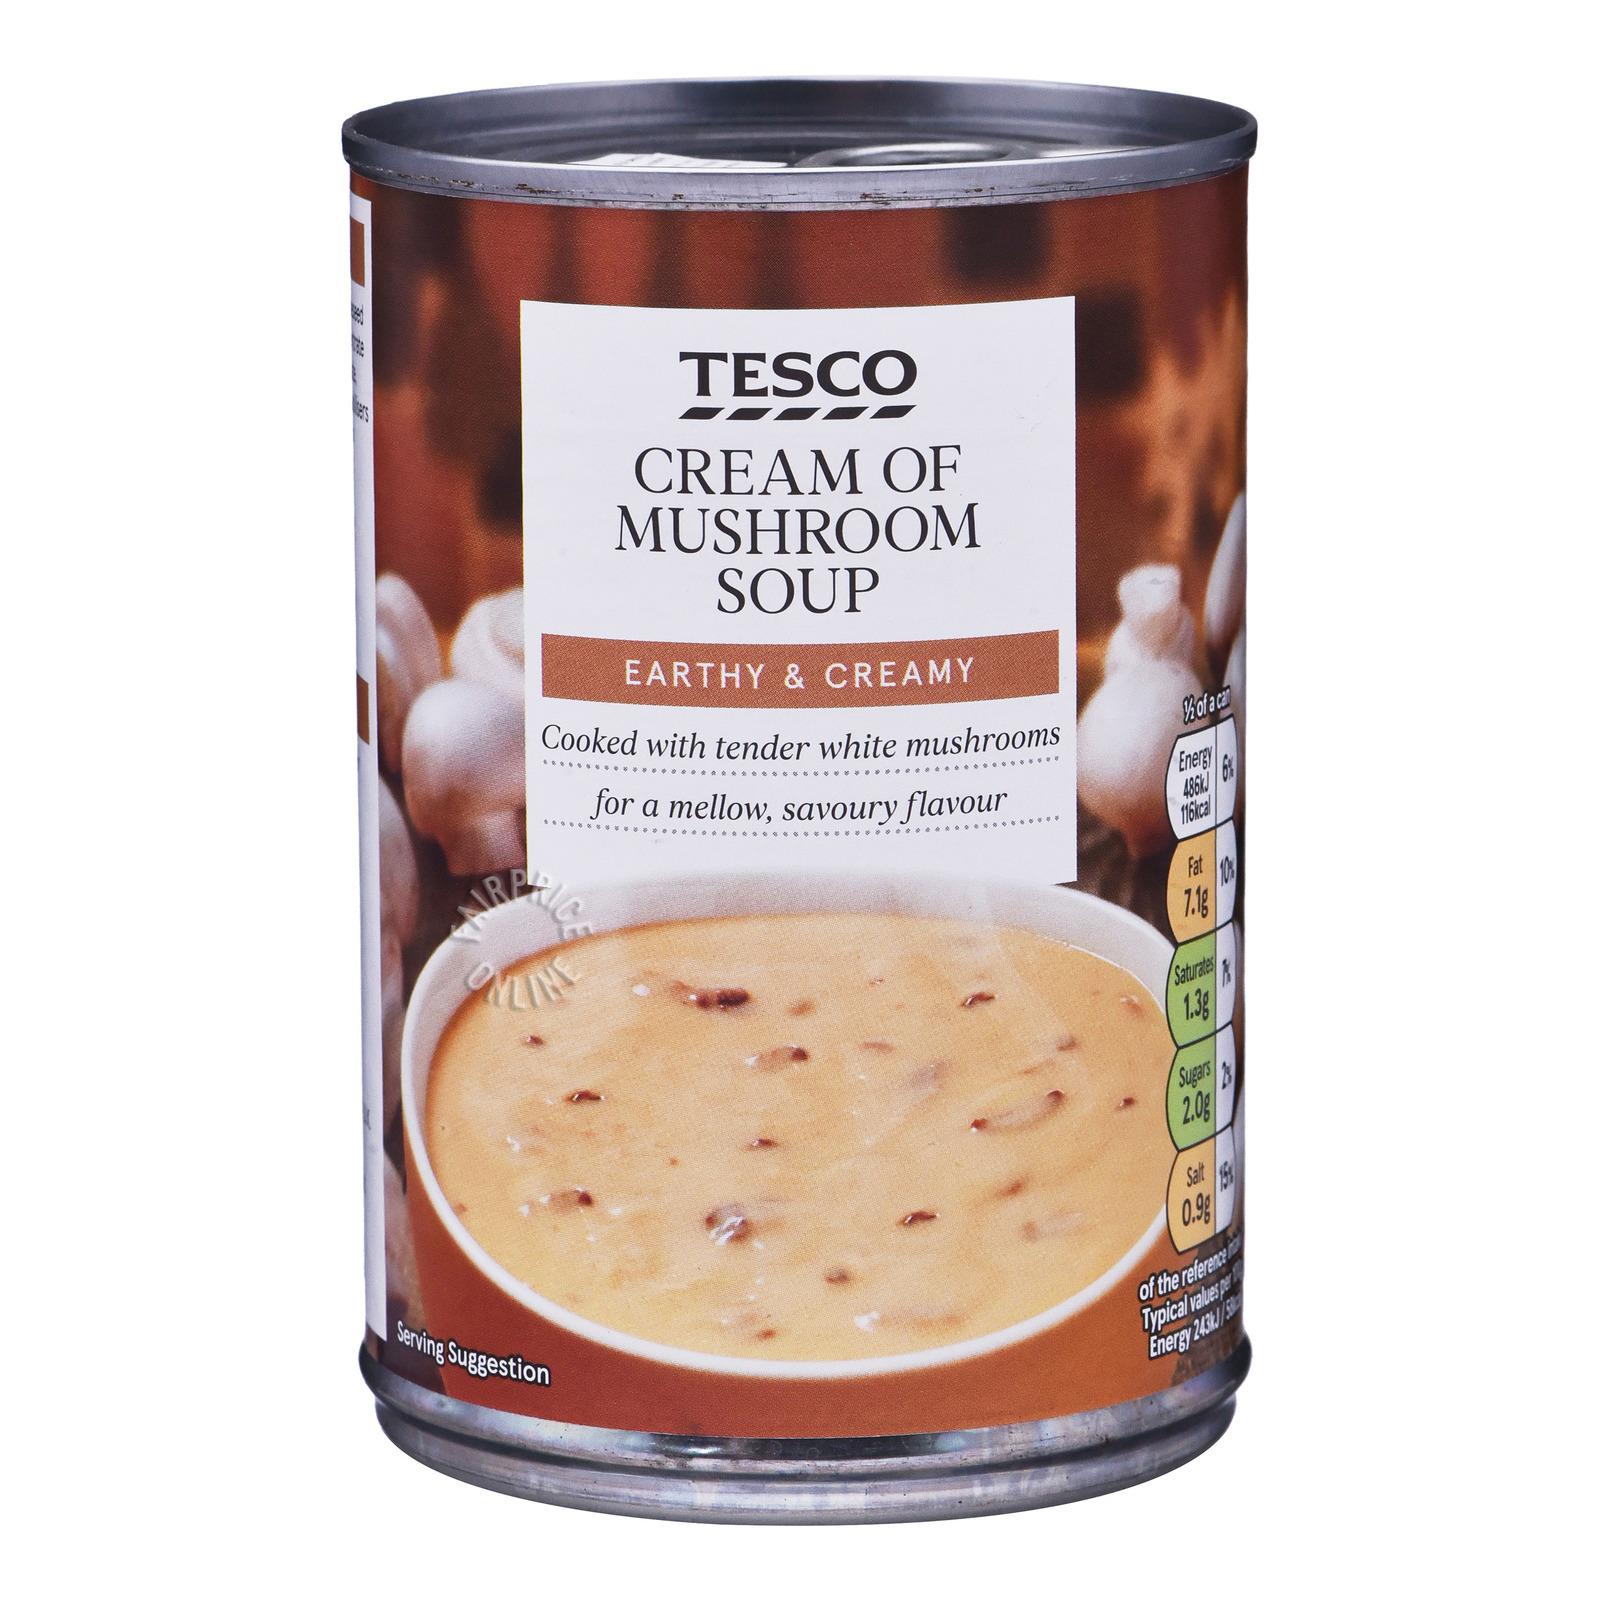 Tesco Soup - Cream of Mushroom